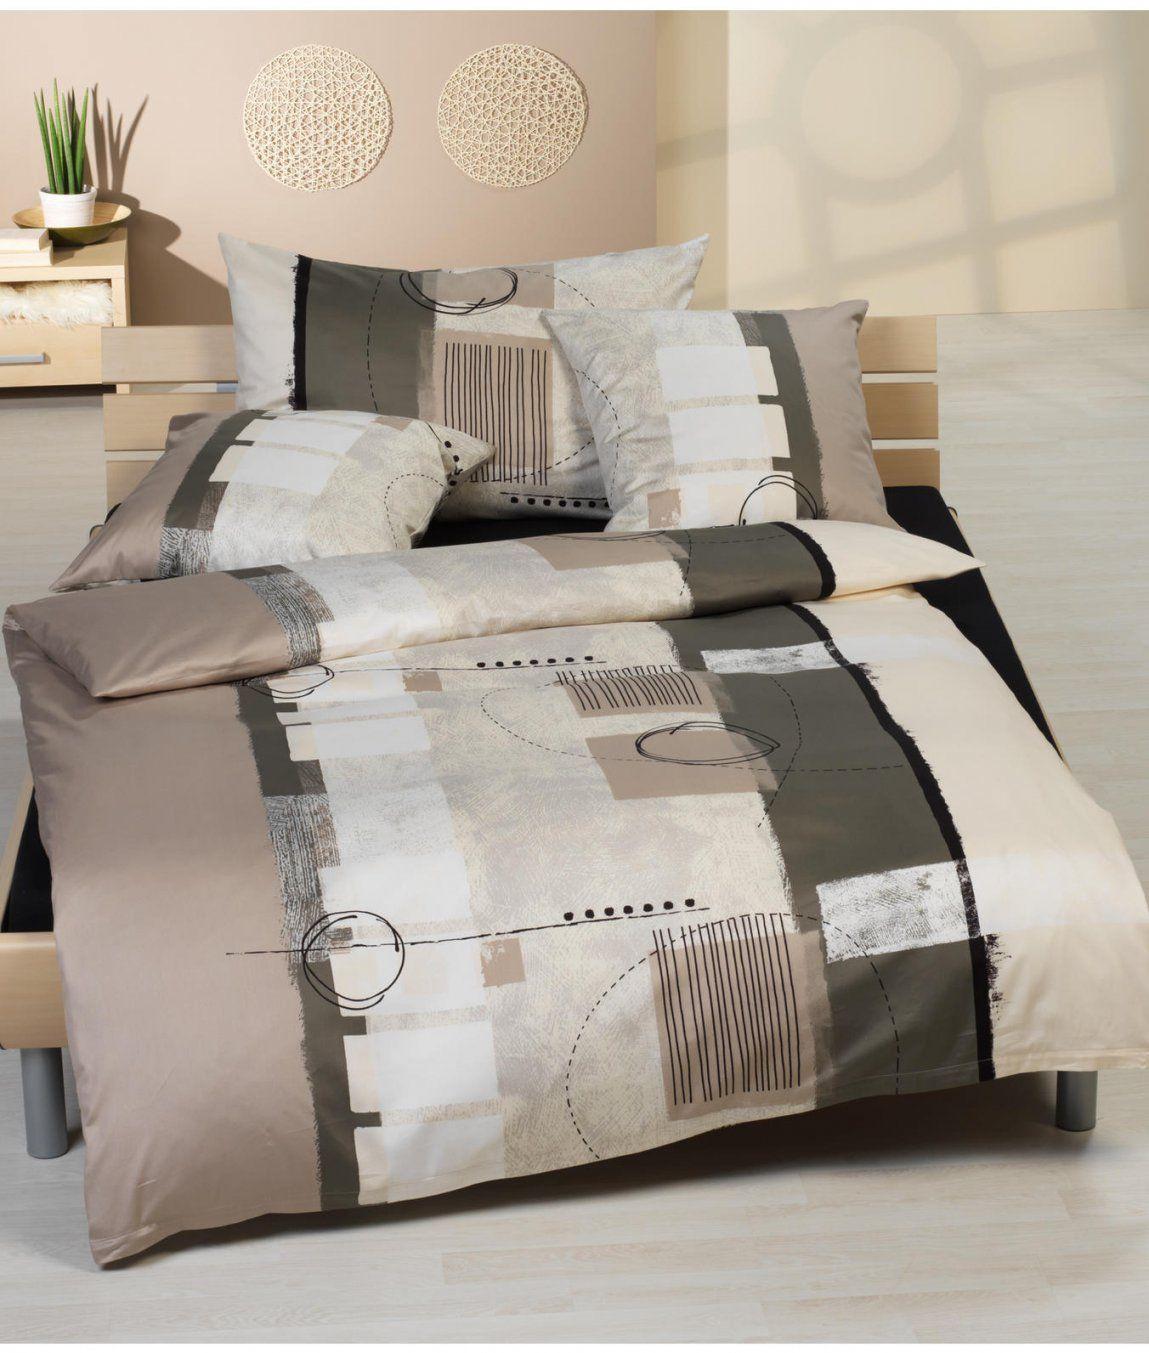 Satinbettwäsche Kampala Beige Kaufen  Angela Bruderer Onlineshop von Bettwäsche Afrika Design Photo